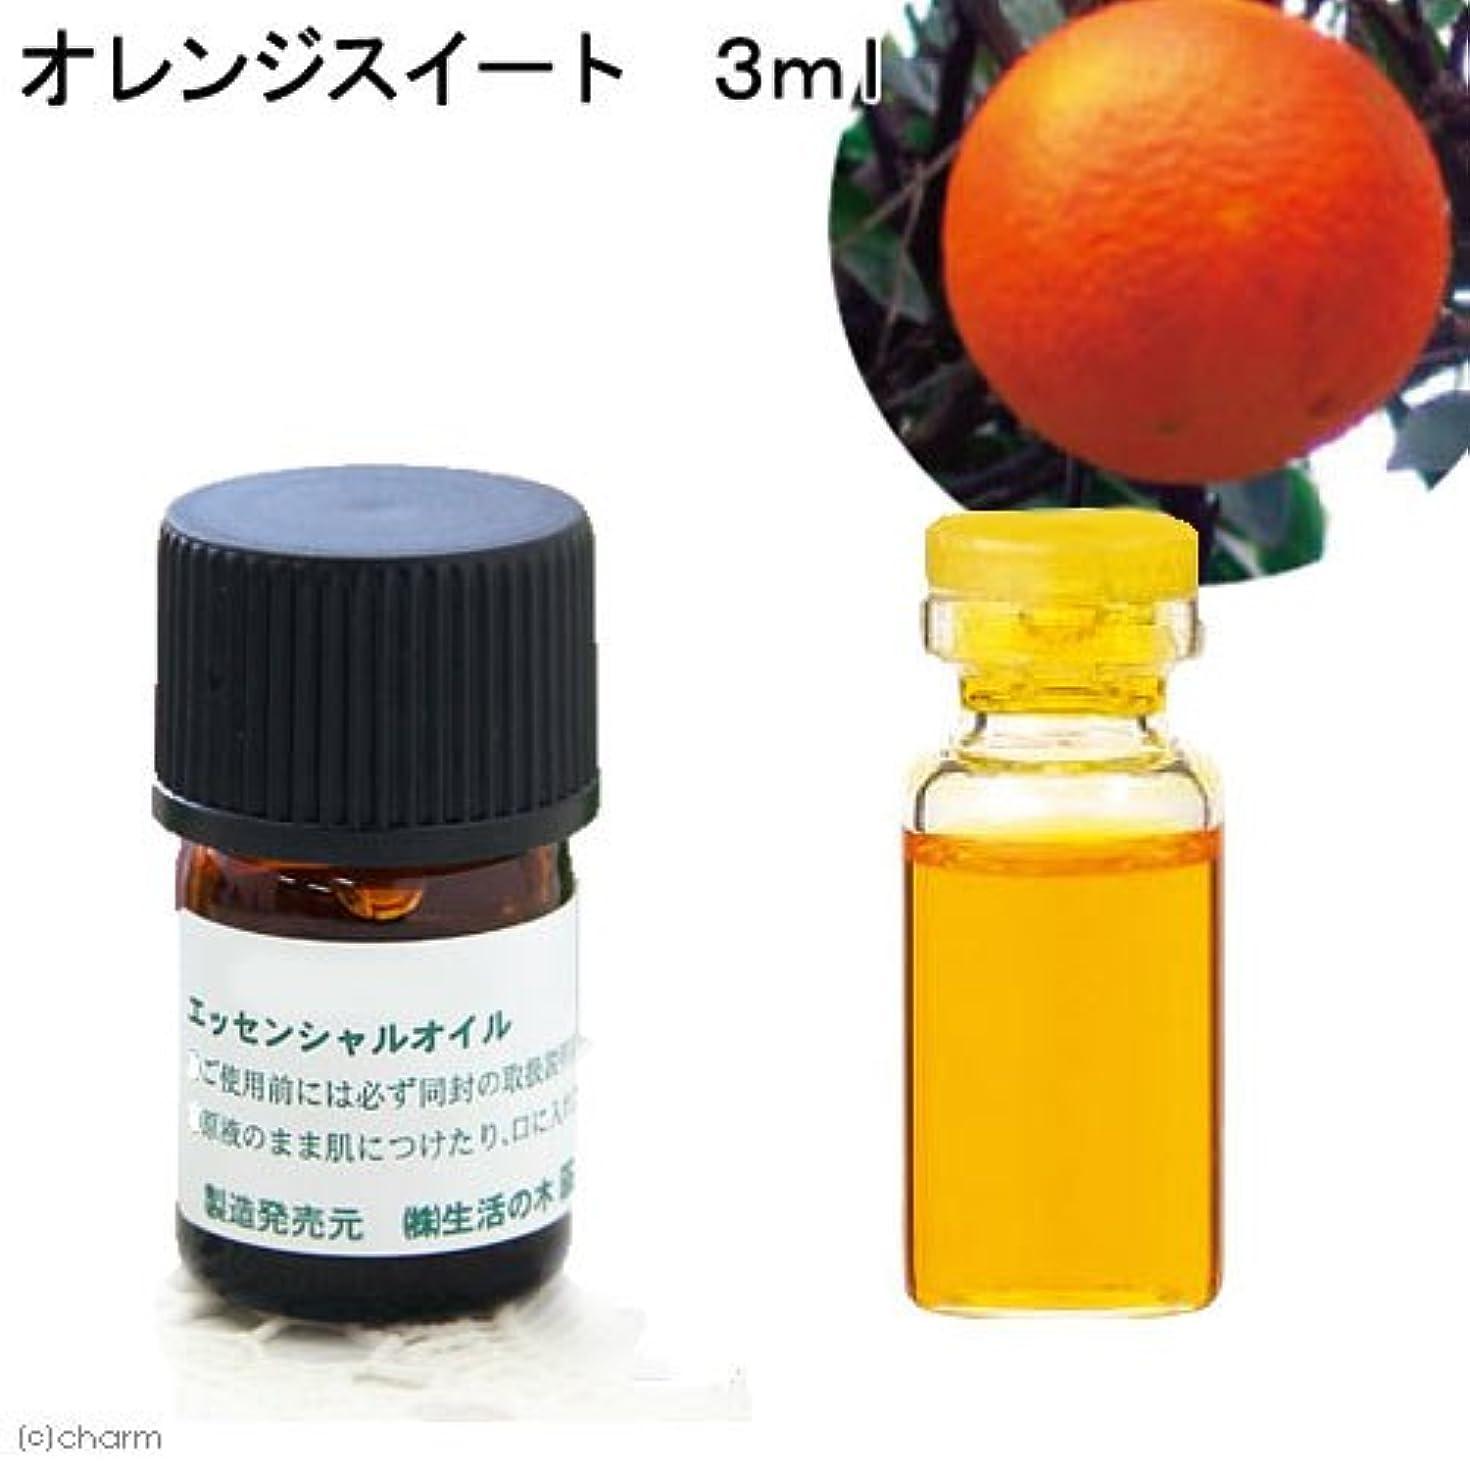 ハンカチリングレットお尻生活の木 オレンジスイート 3ml